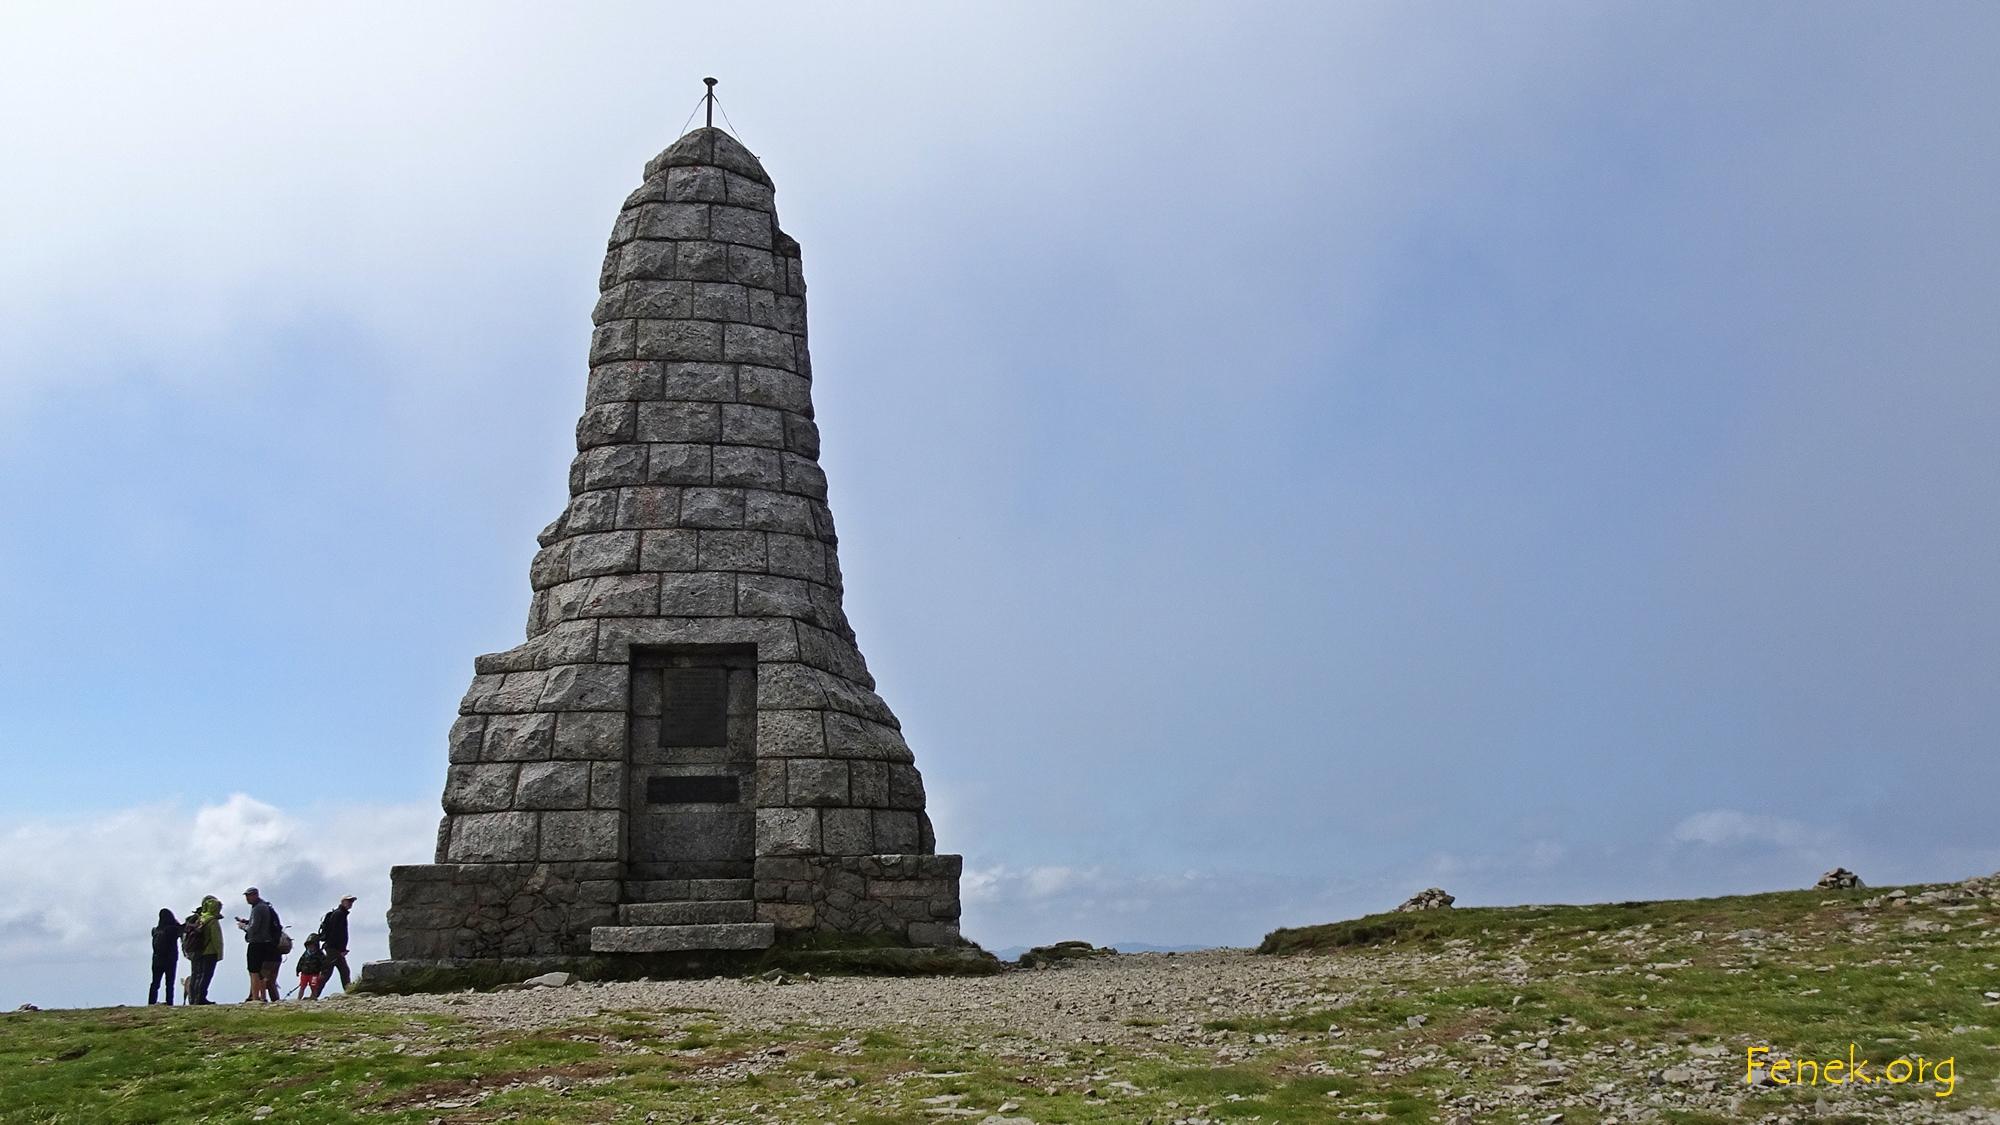 Denkmal  in Erinnerung an Soldaten des 1. Weltkrieges